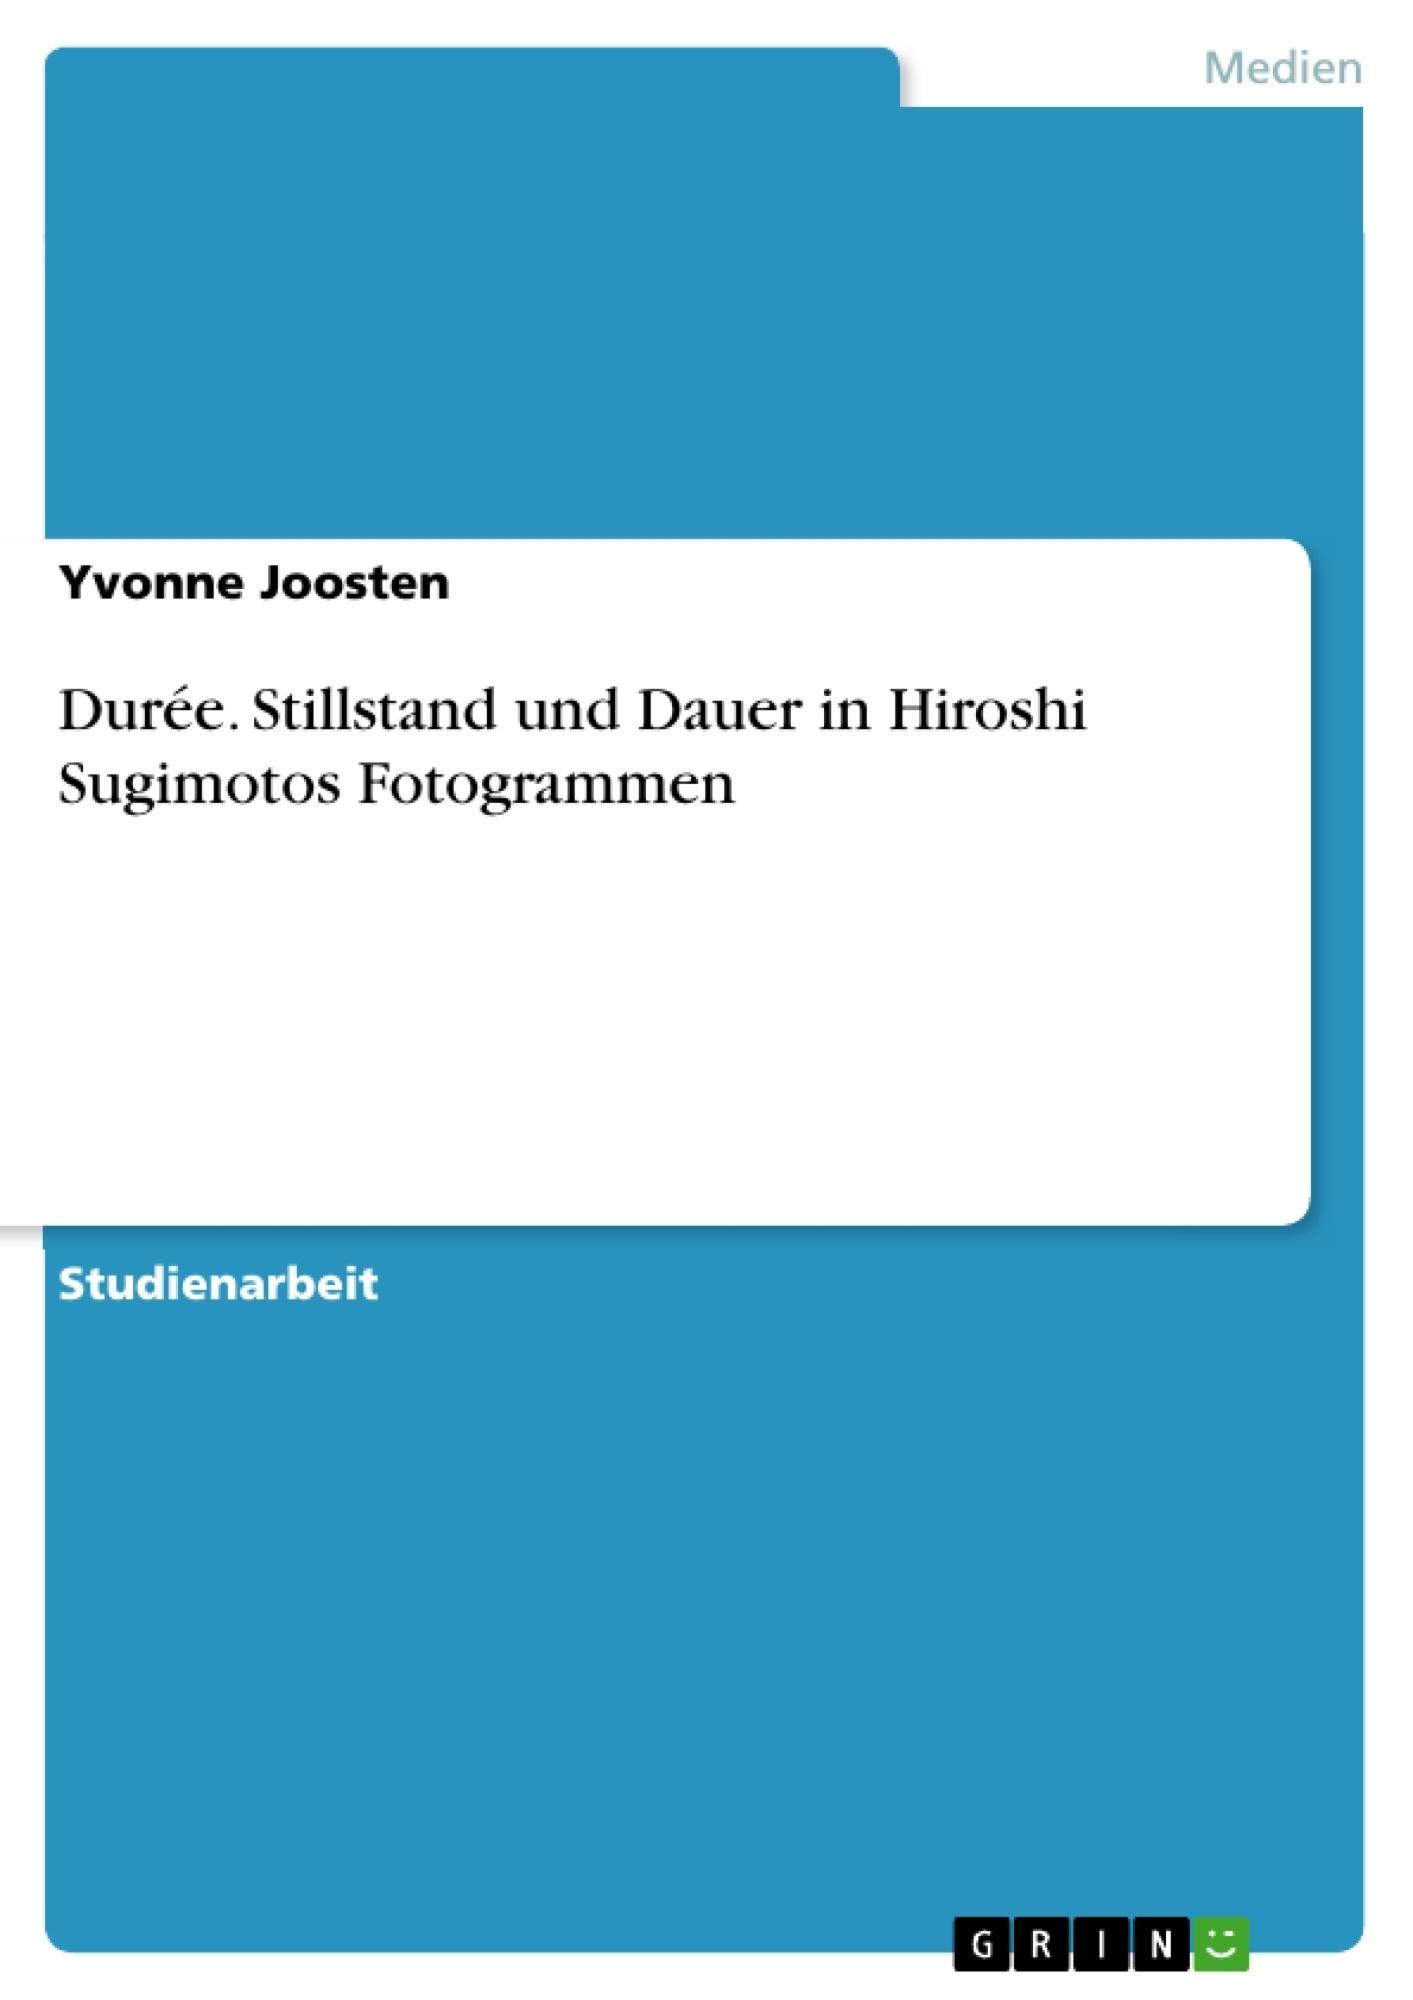 Titel: Durée. Stillstand und Dauer in Hiroshi Sugimotos Fotogrammen